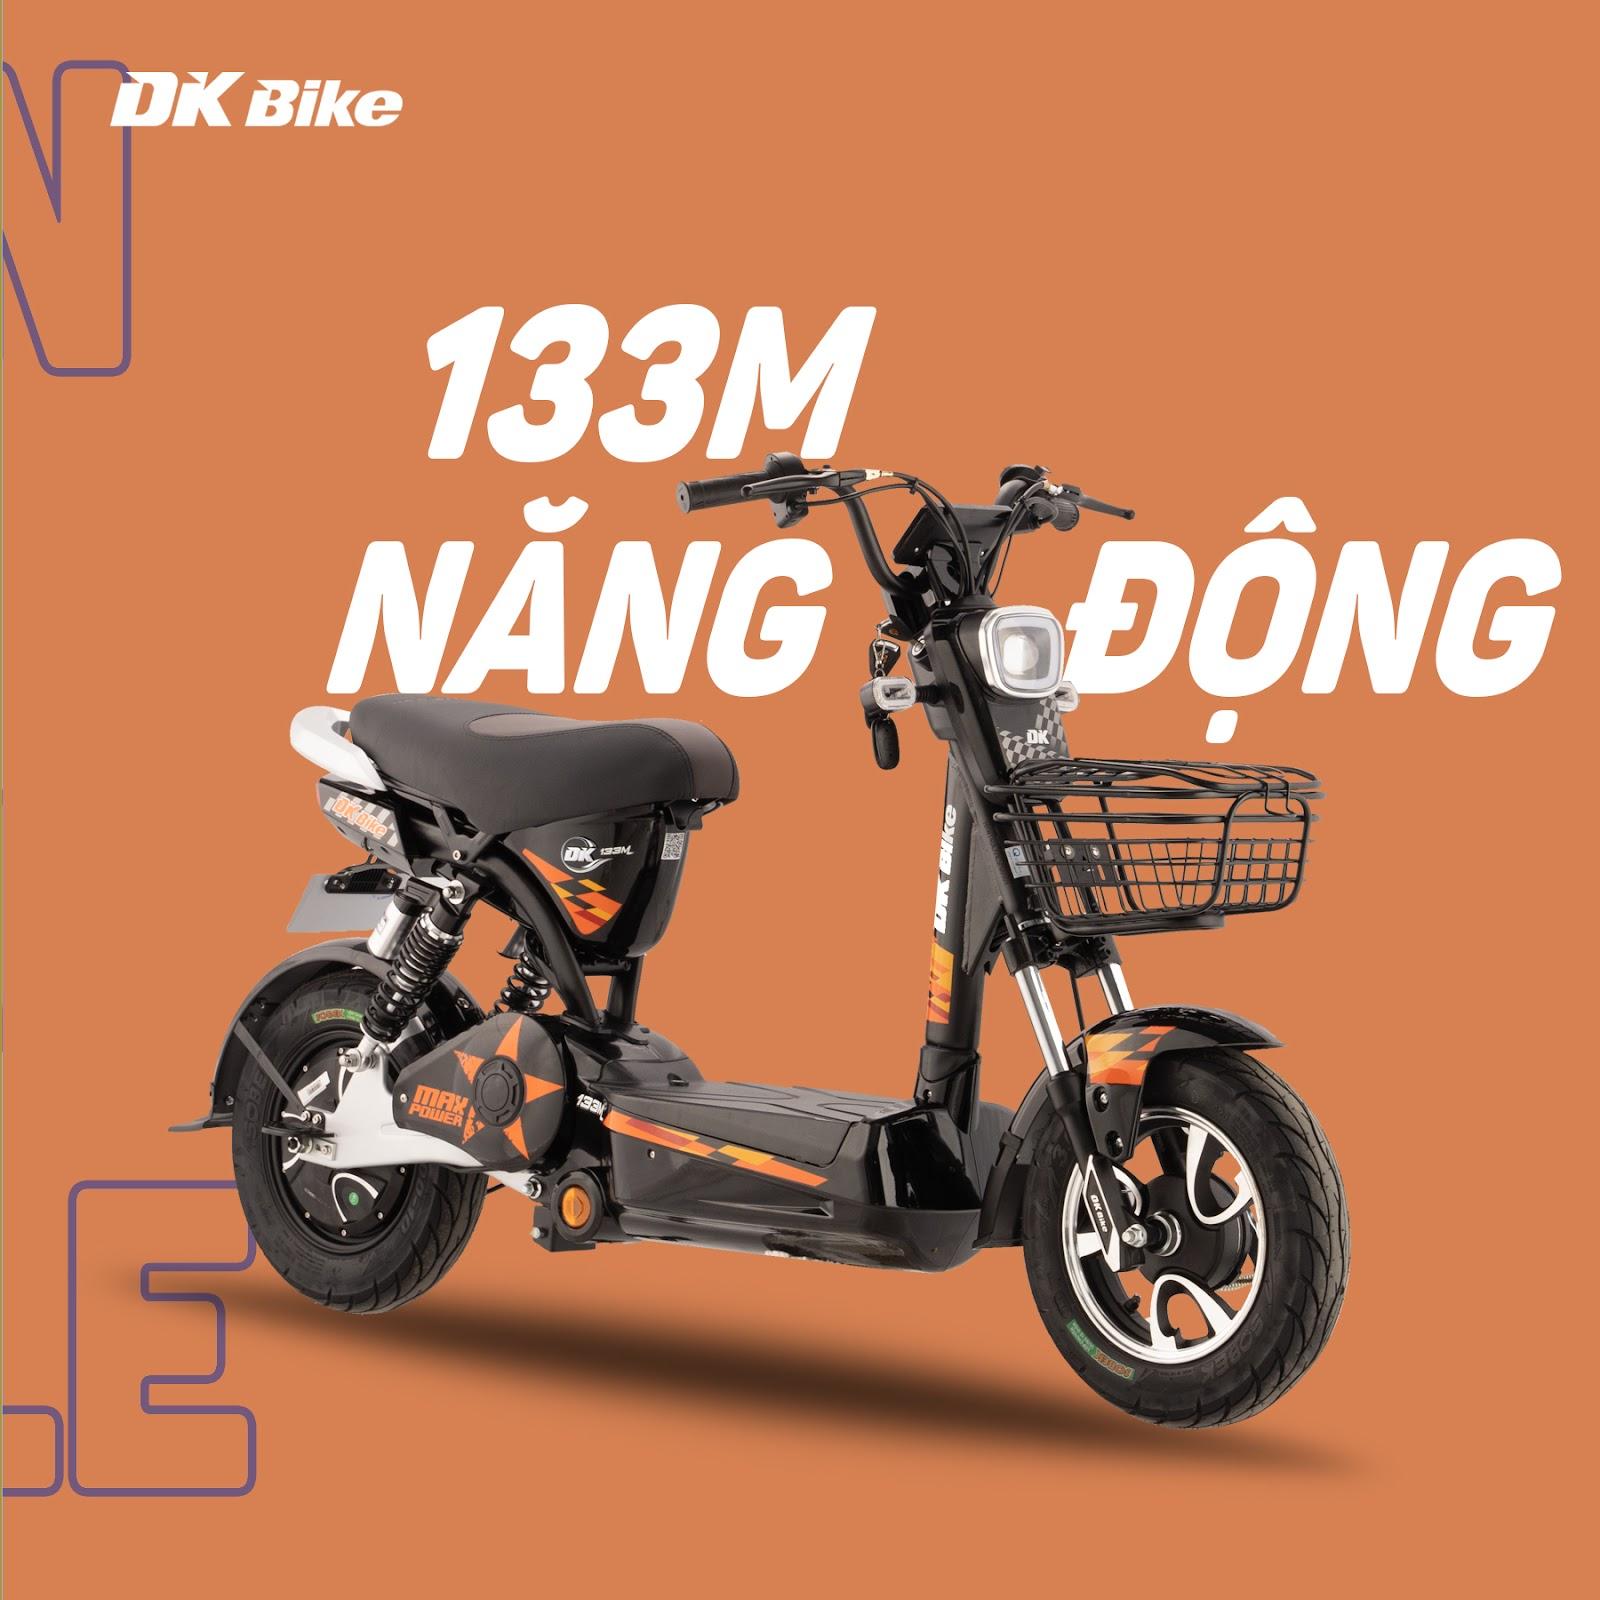 Tìm hiểu thêm xe điện DK 133M